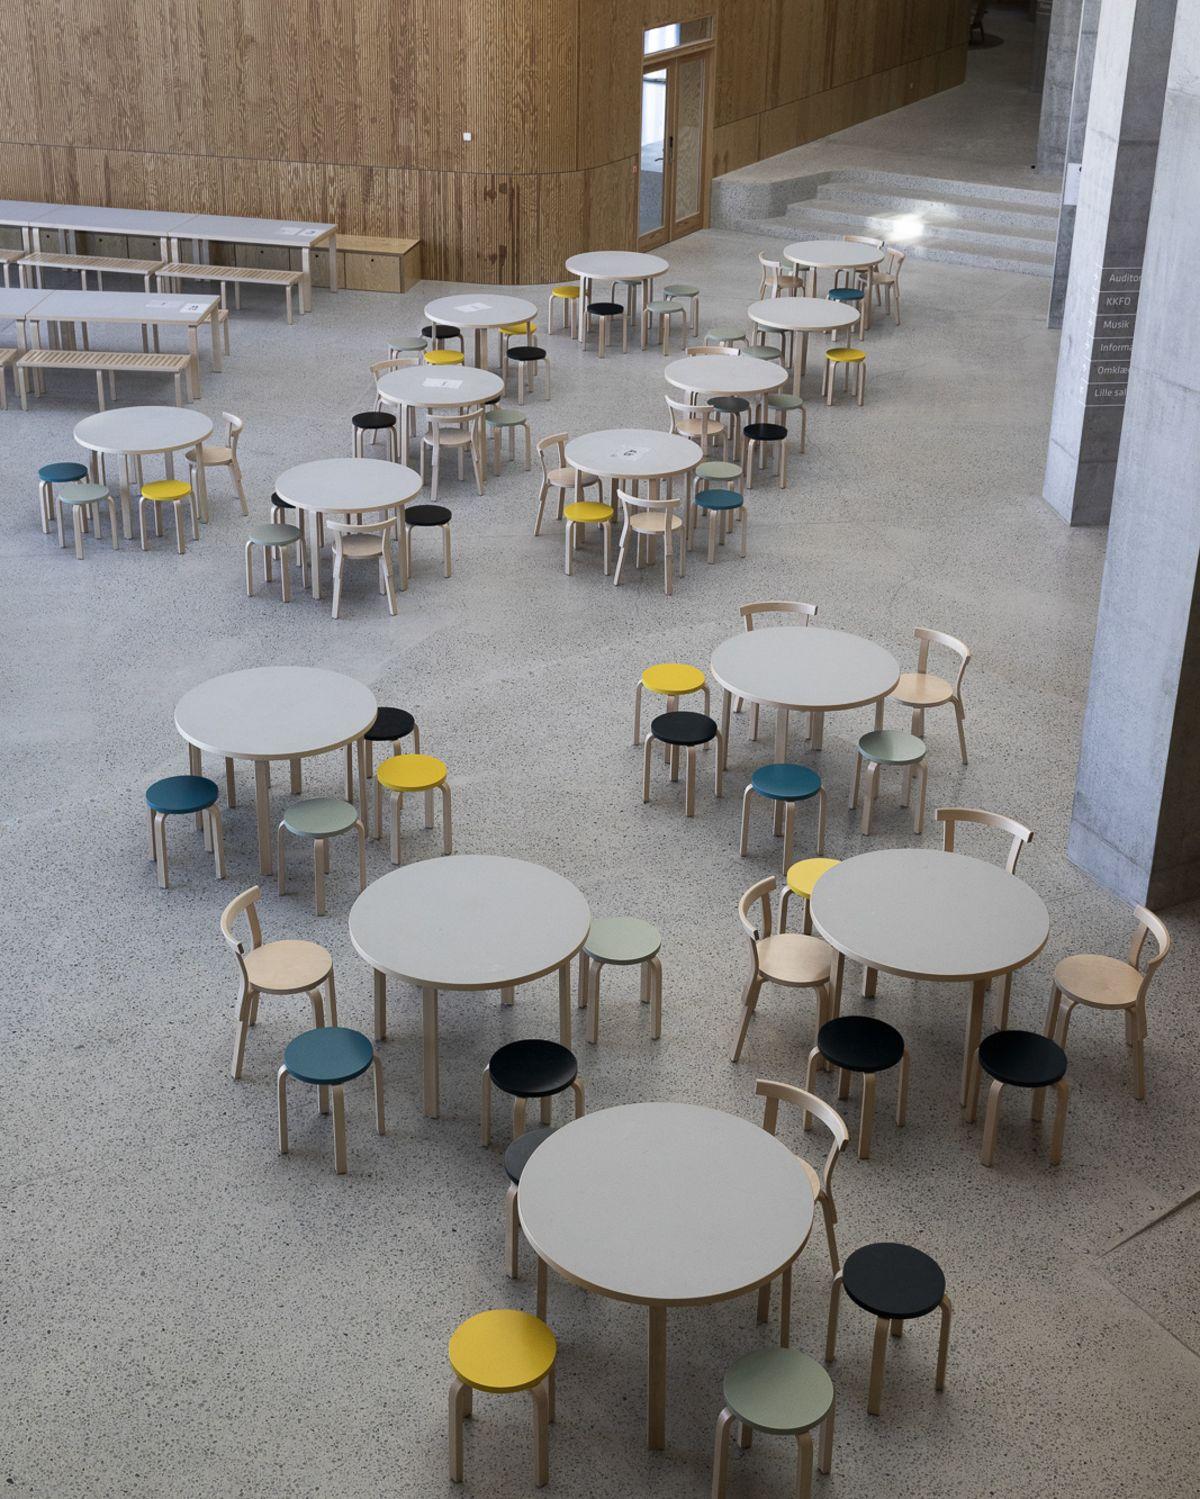 Kalvebod_Fælled_School_DK_Photo_Torben_Eskerod_4